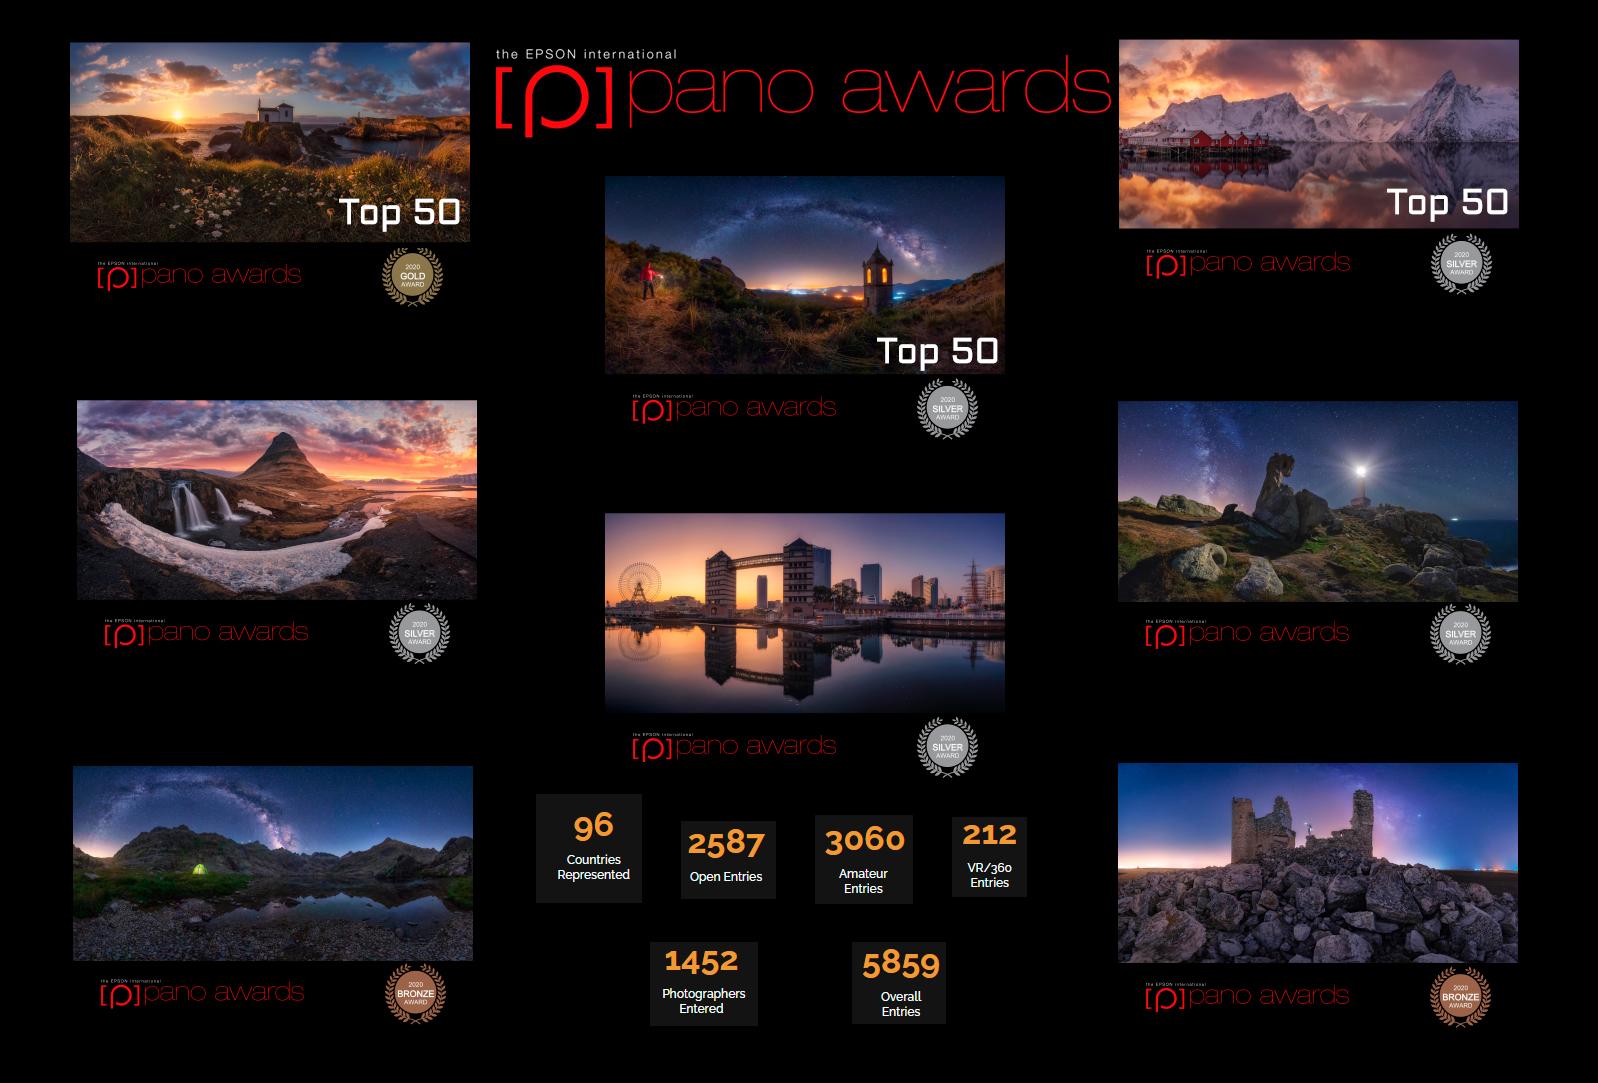 Resultados del los Epson Pano Awards 2020